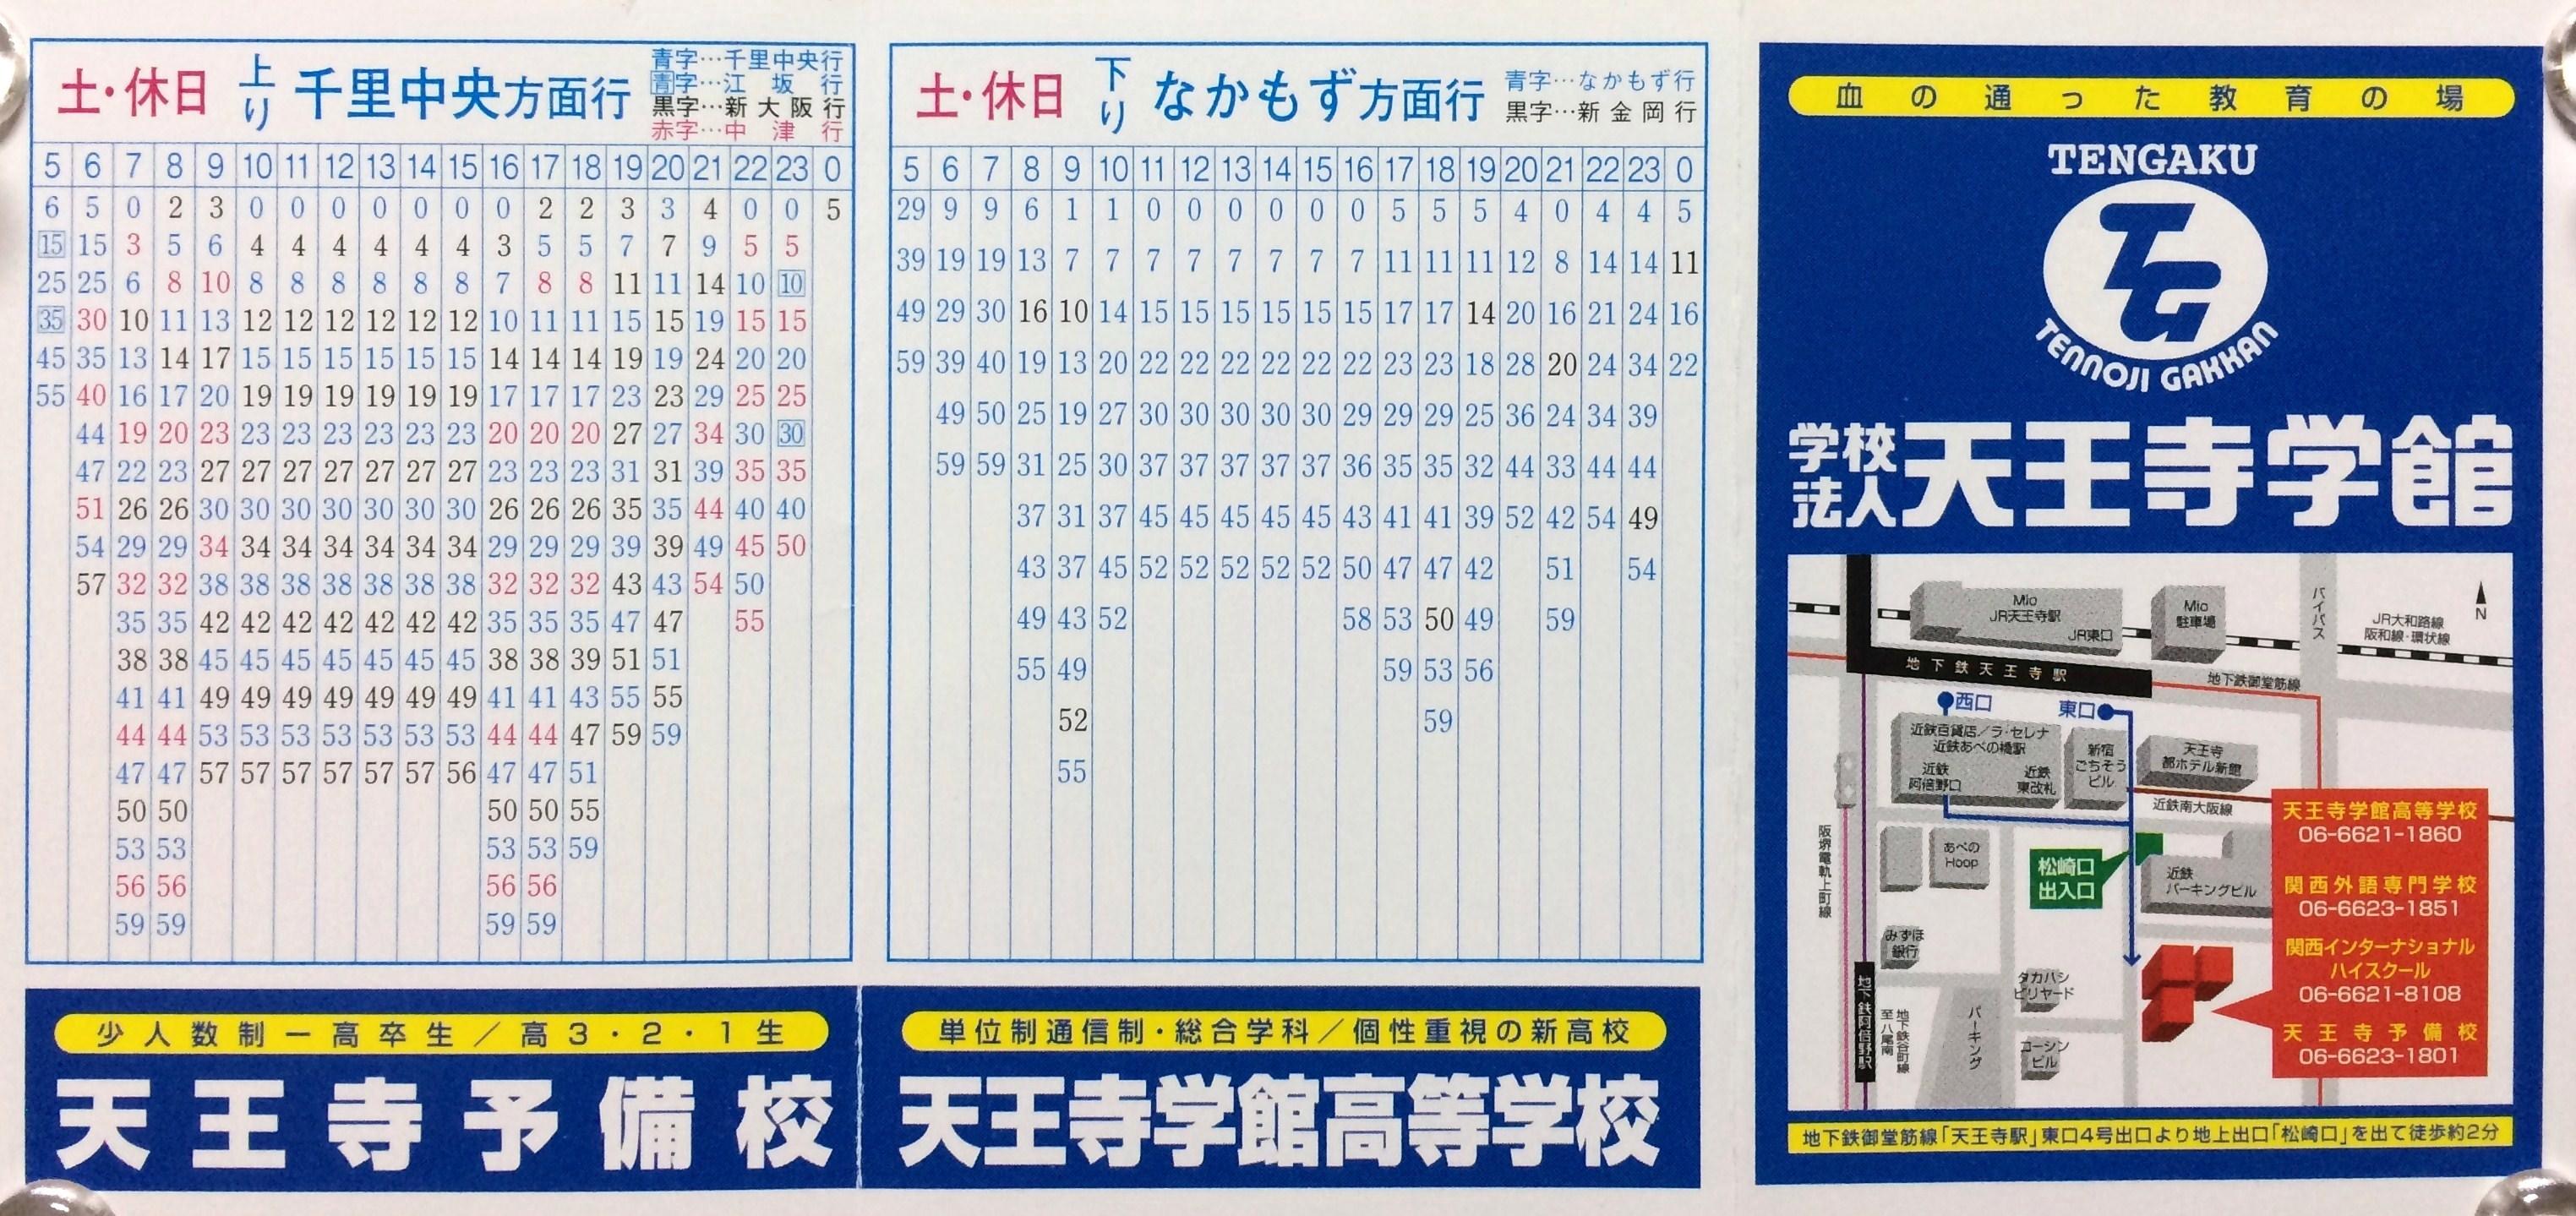 大阪 メトロ 中央 線 時刻 表